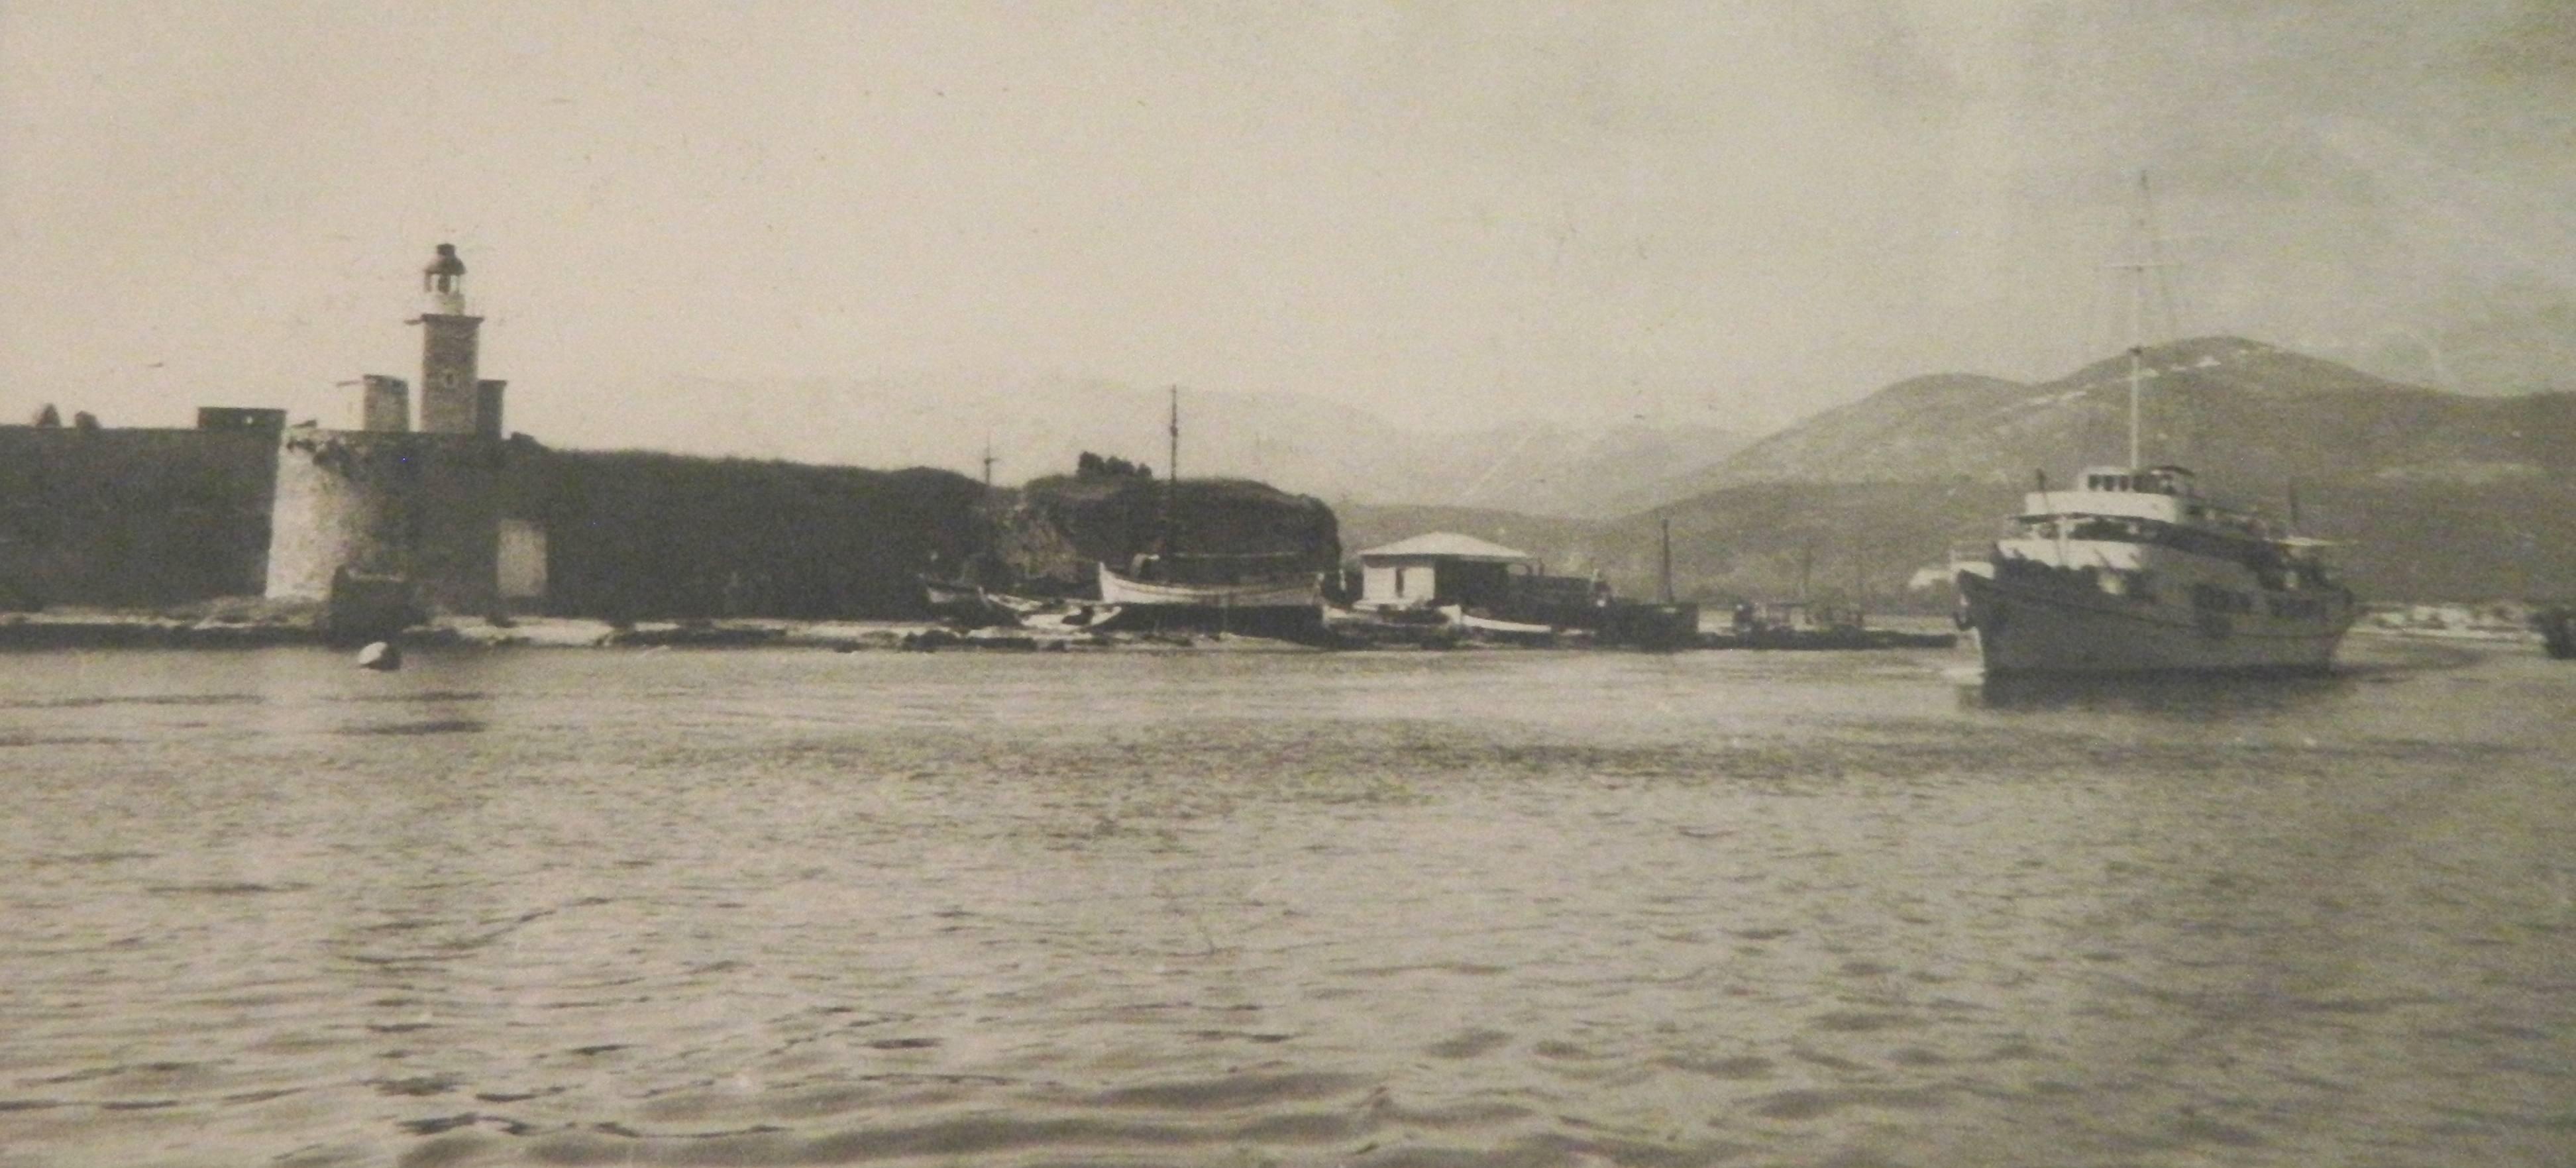 Το α/π Γλάρος στο βόρειο στόμιο της διώρυγας, 1961